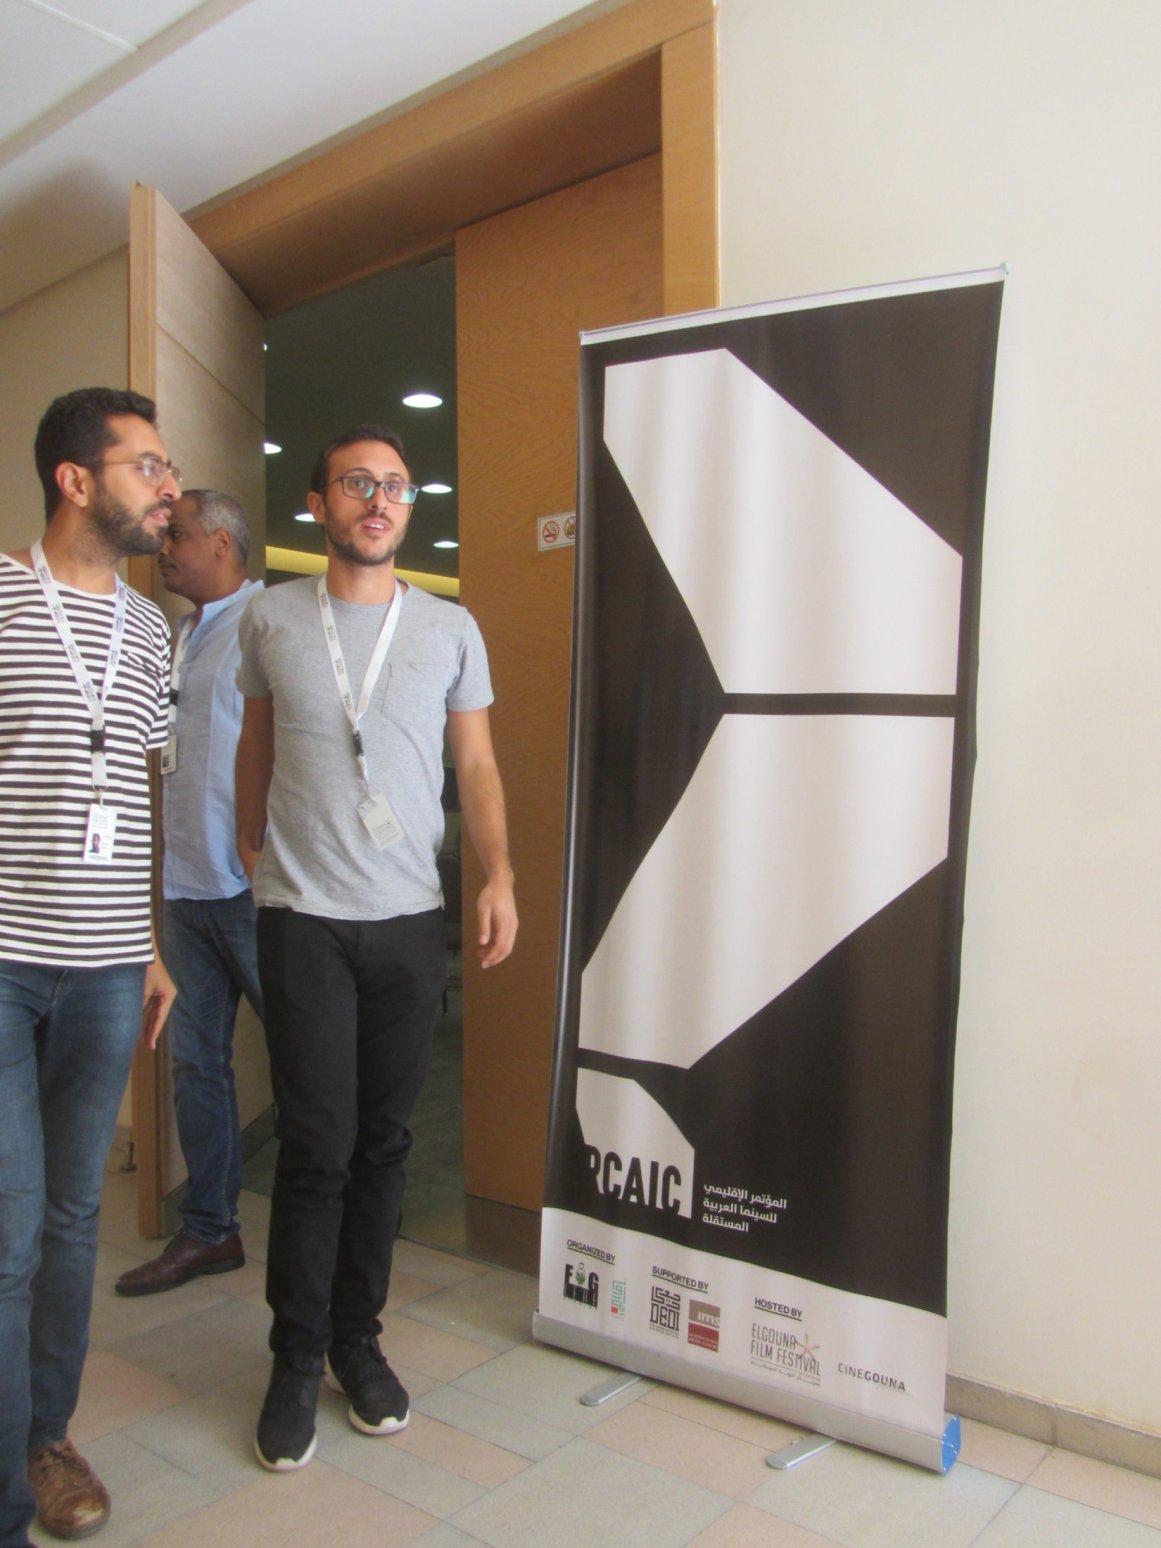 لمؤتمر الإقليمي للسينما المستقلة